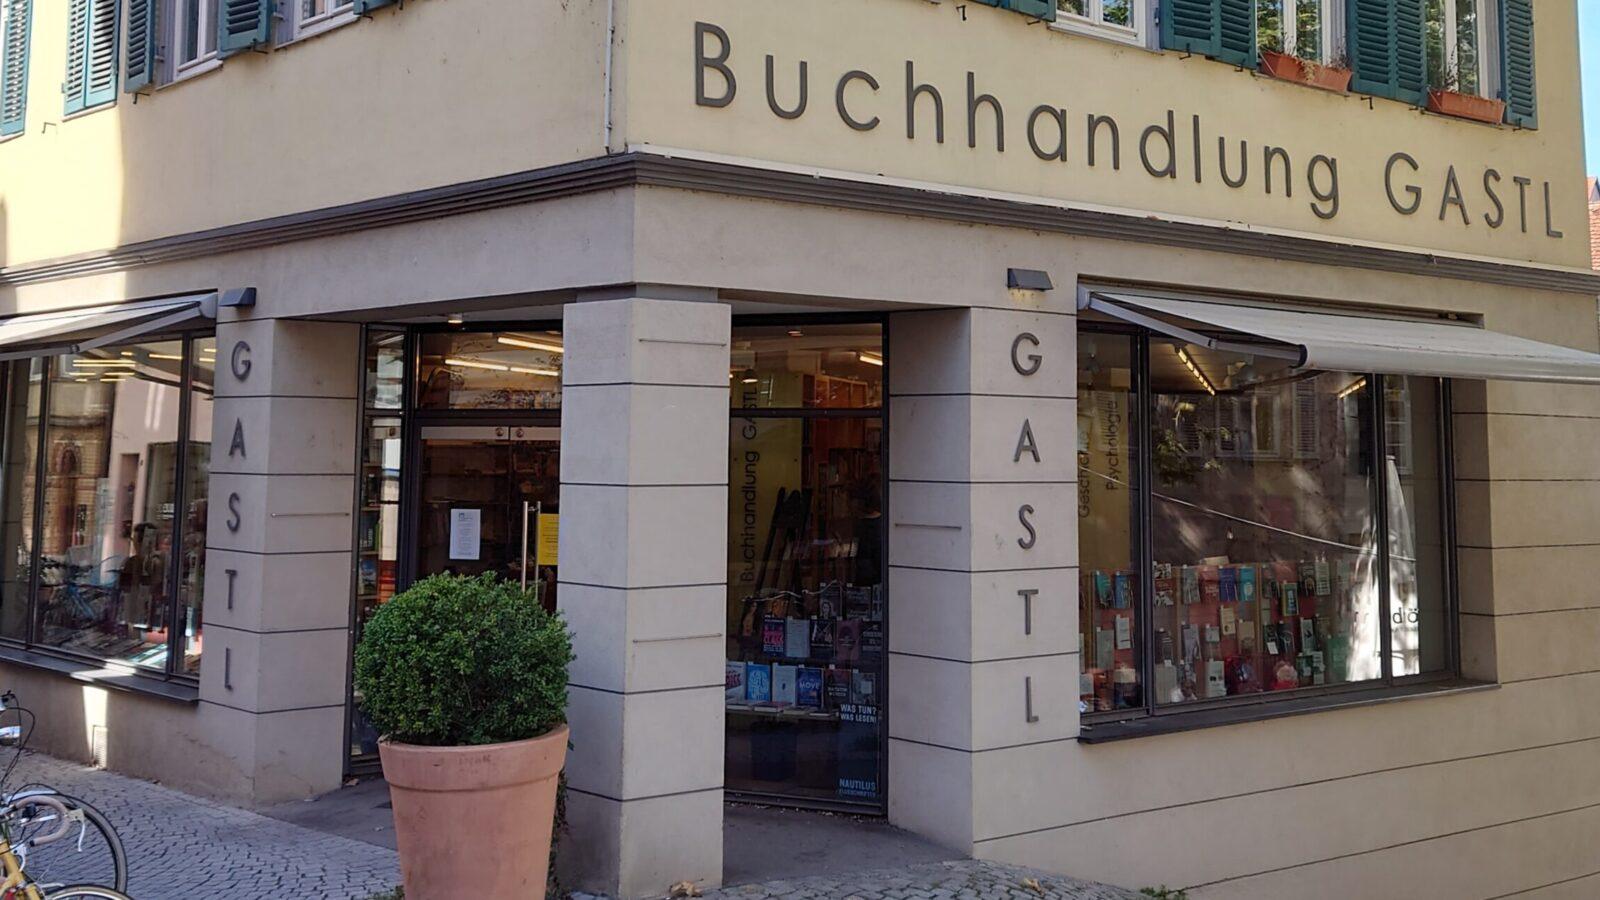 Buchhandlung Gastl